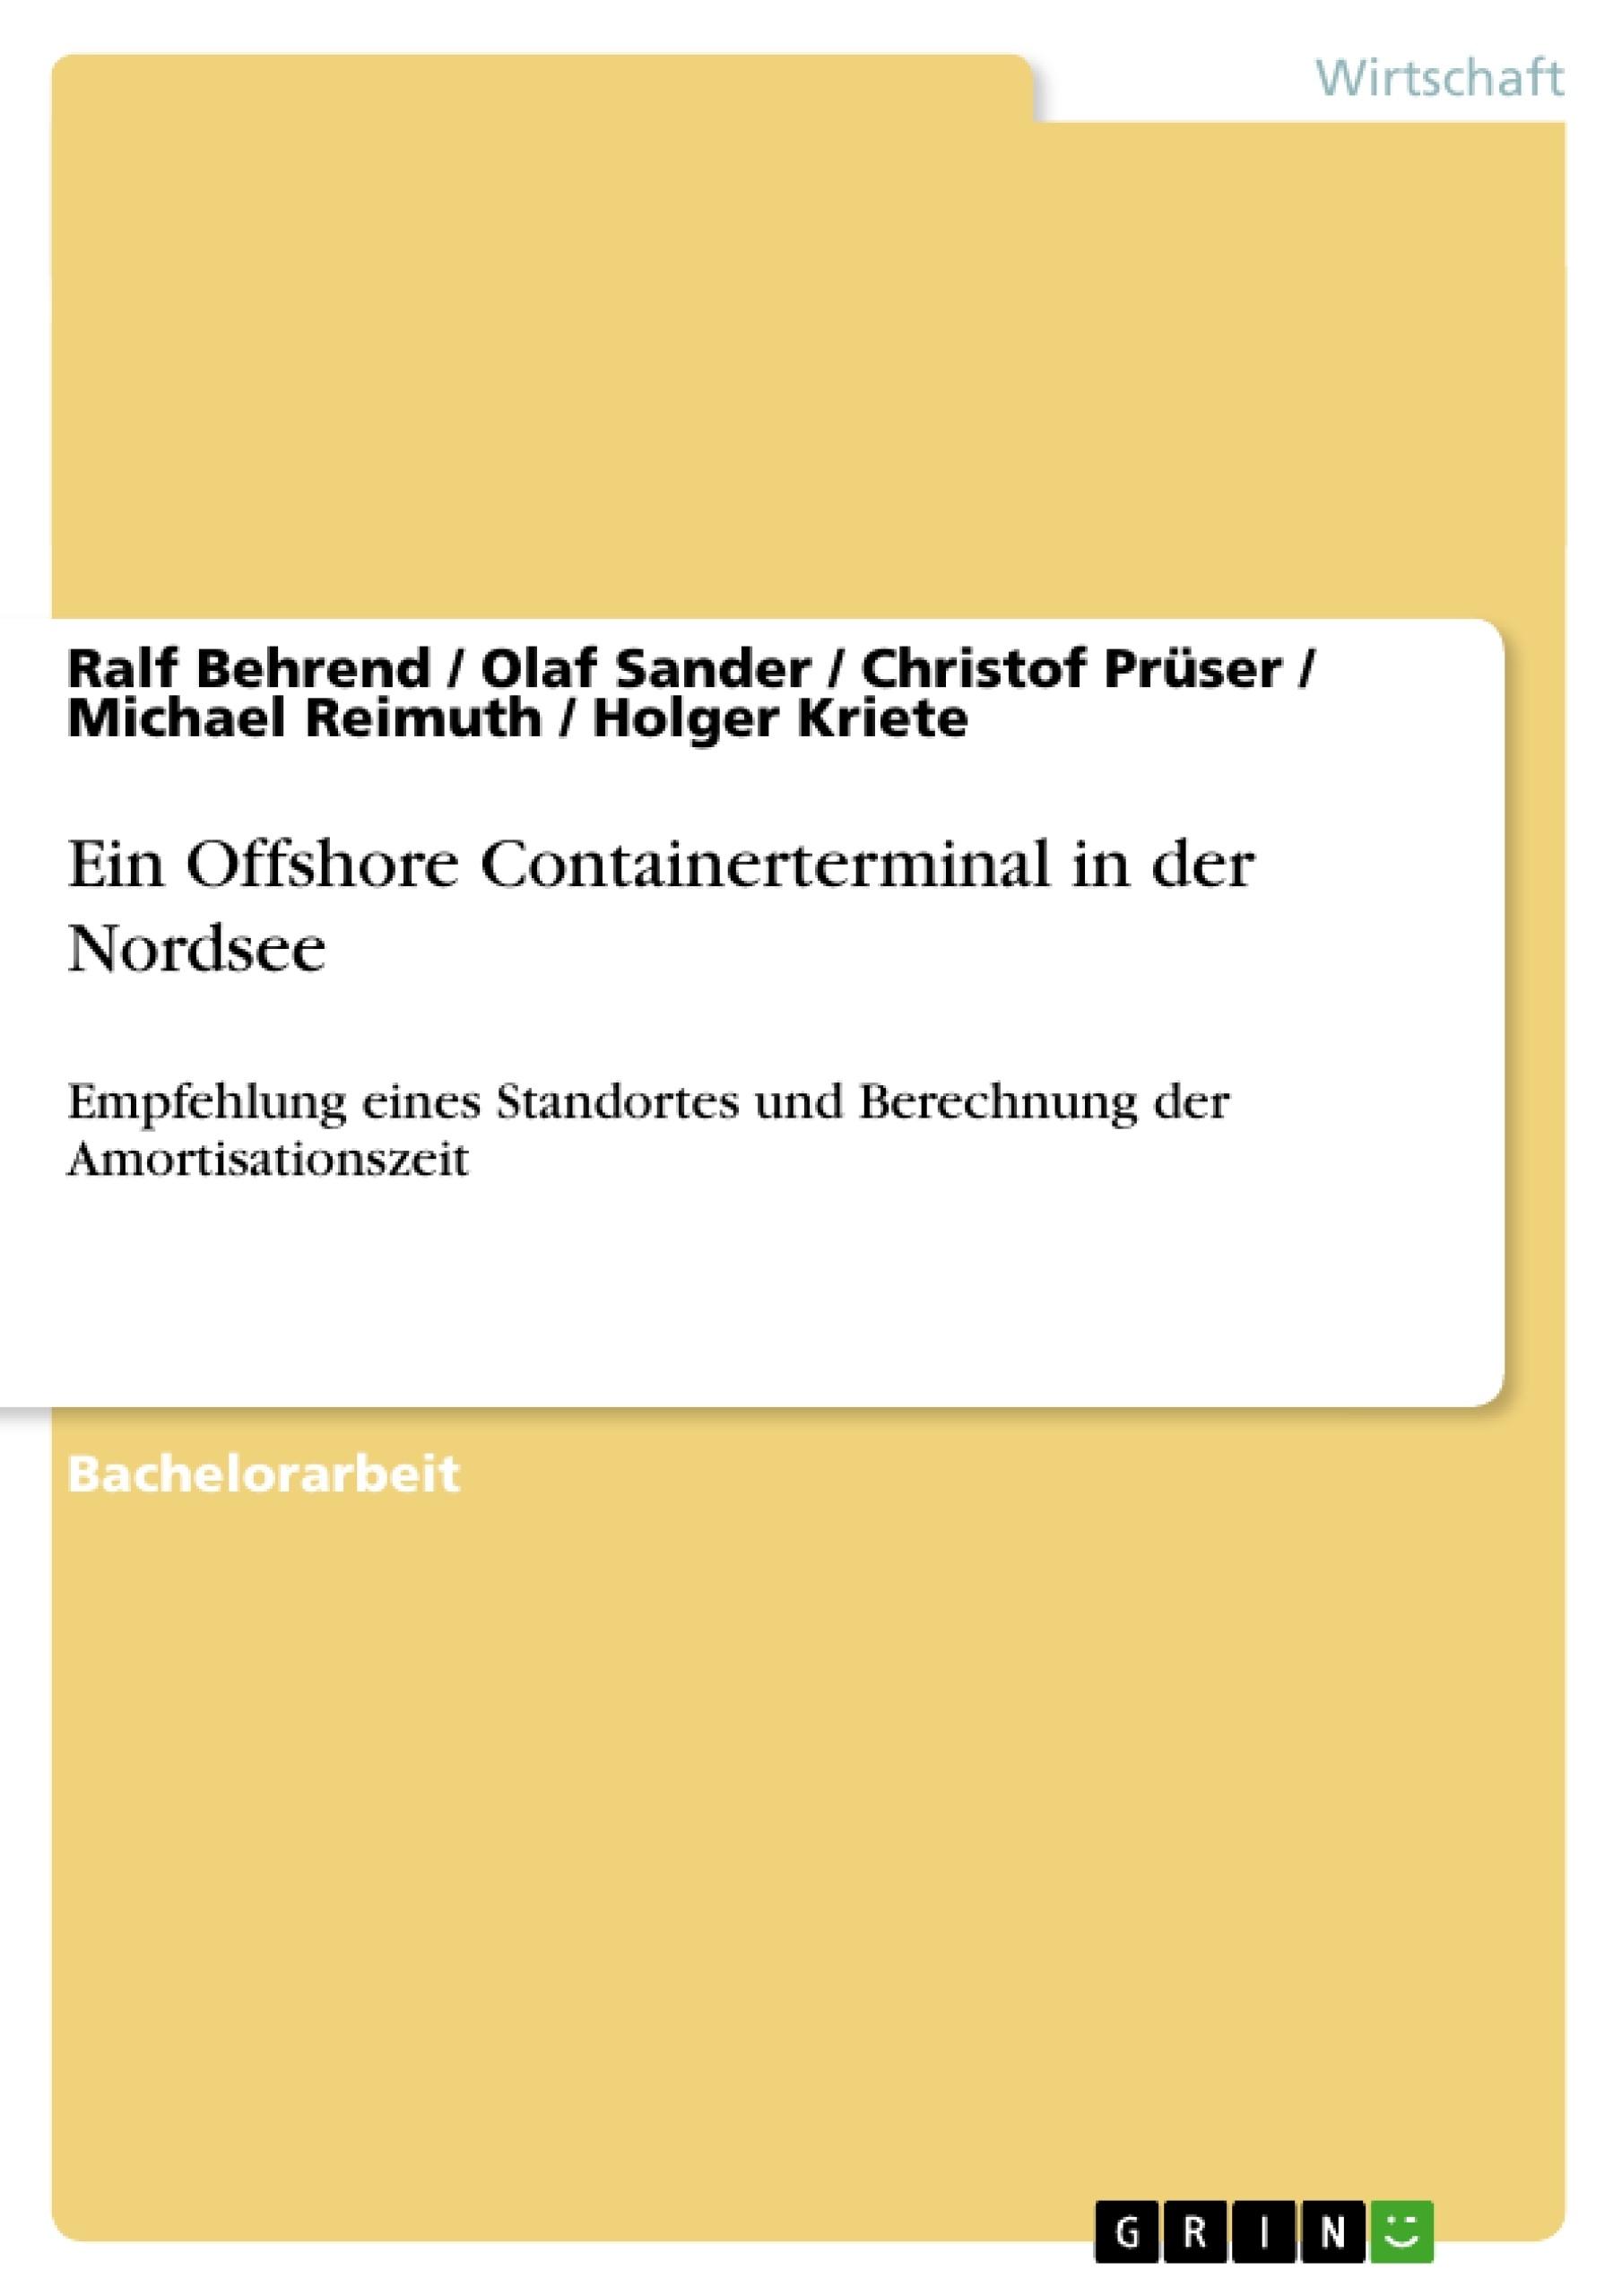 Titel: Ein Offshore Containerterminal in der Nordsee